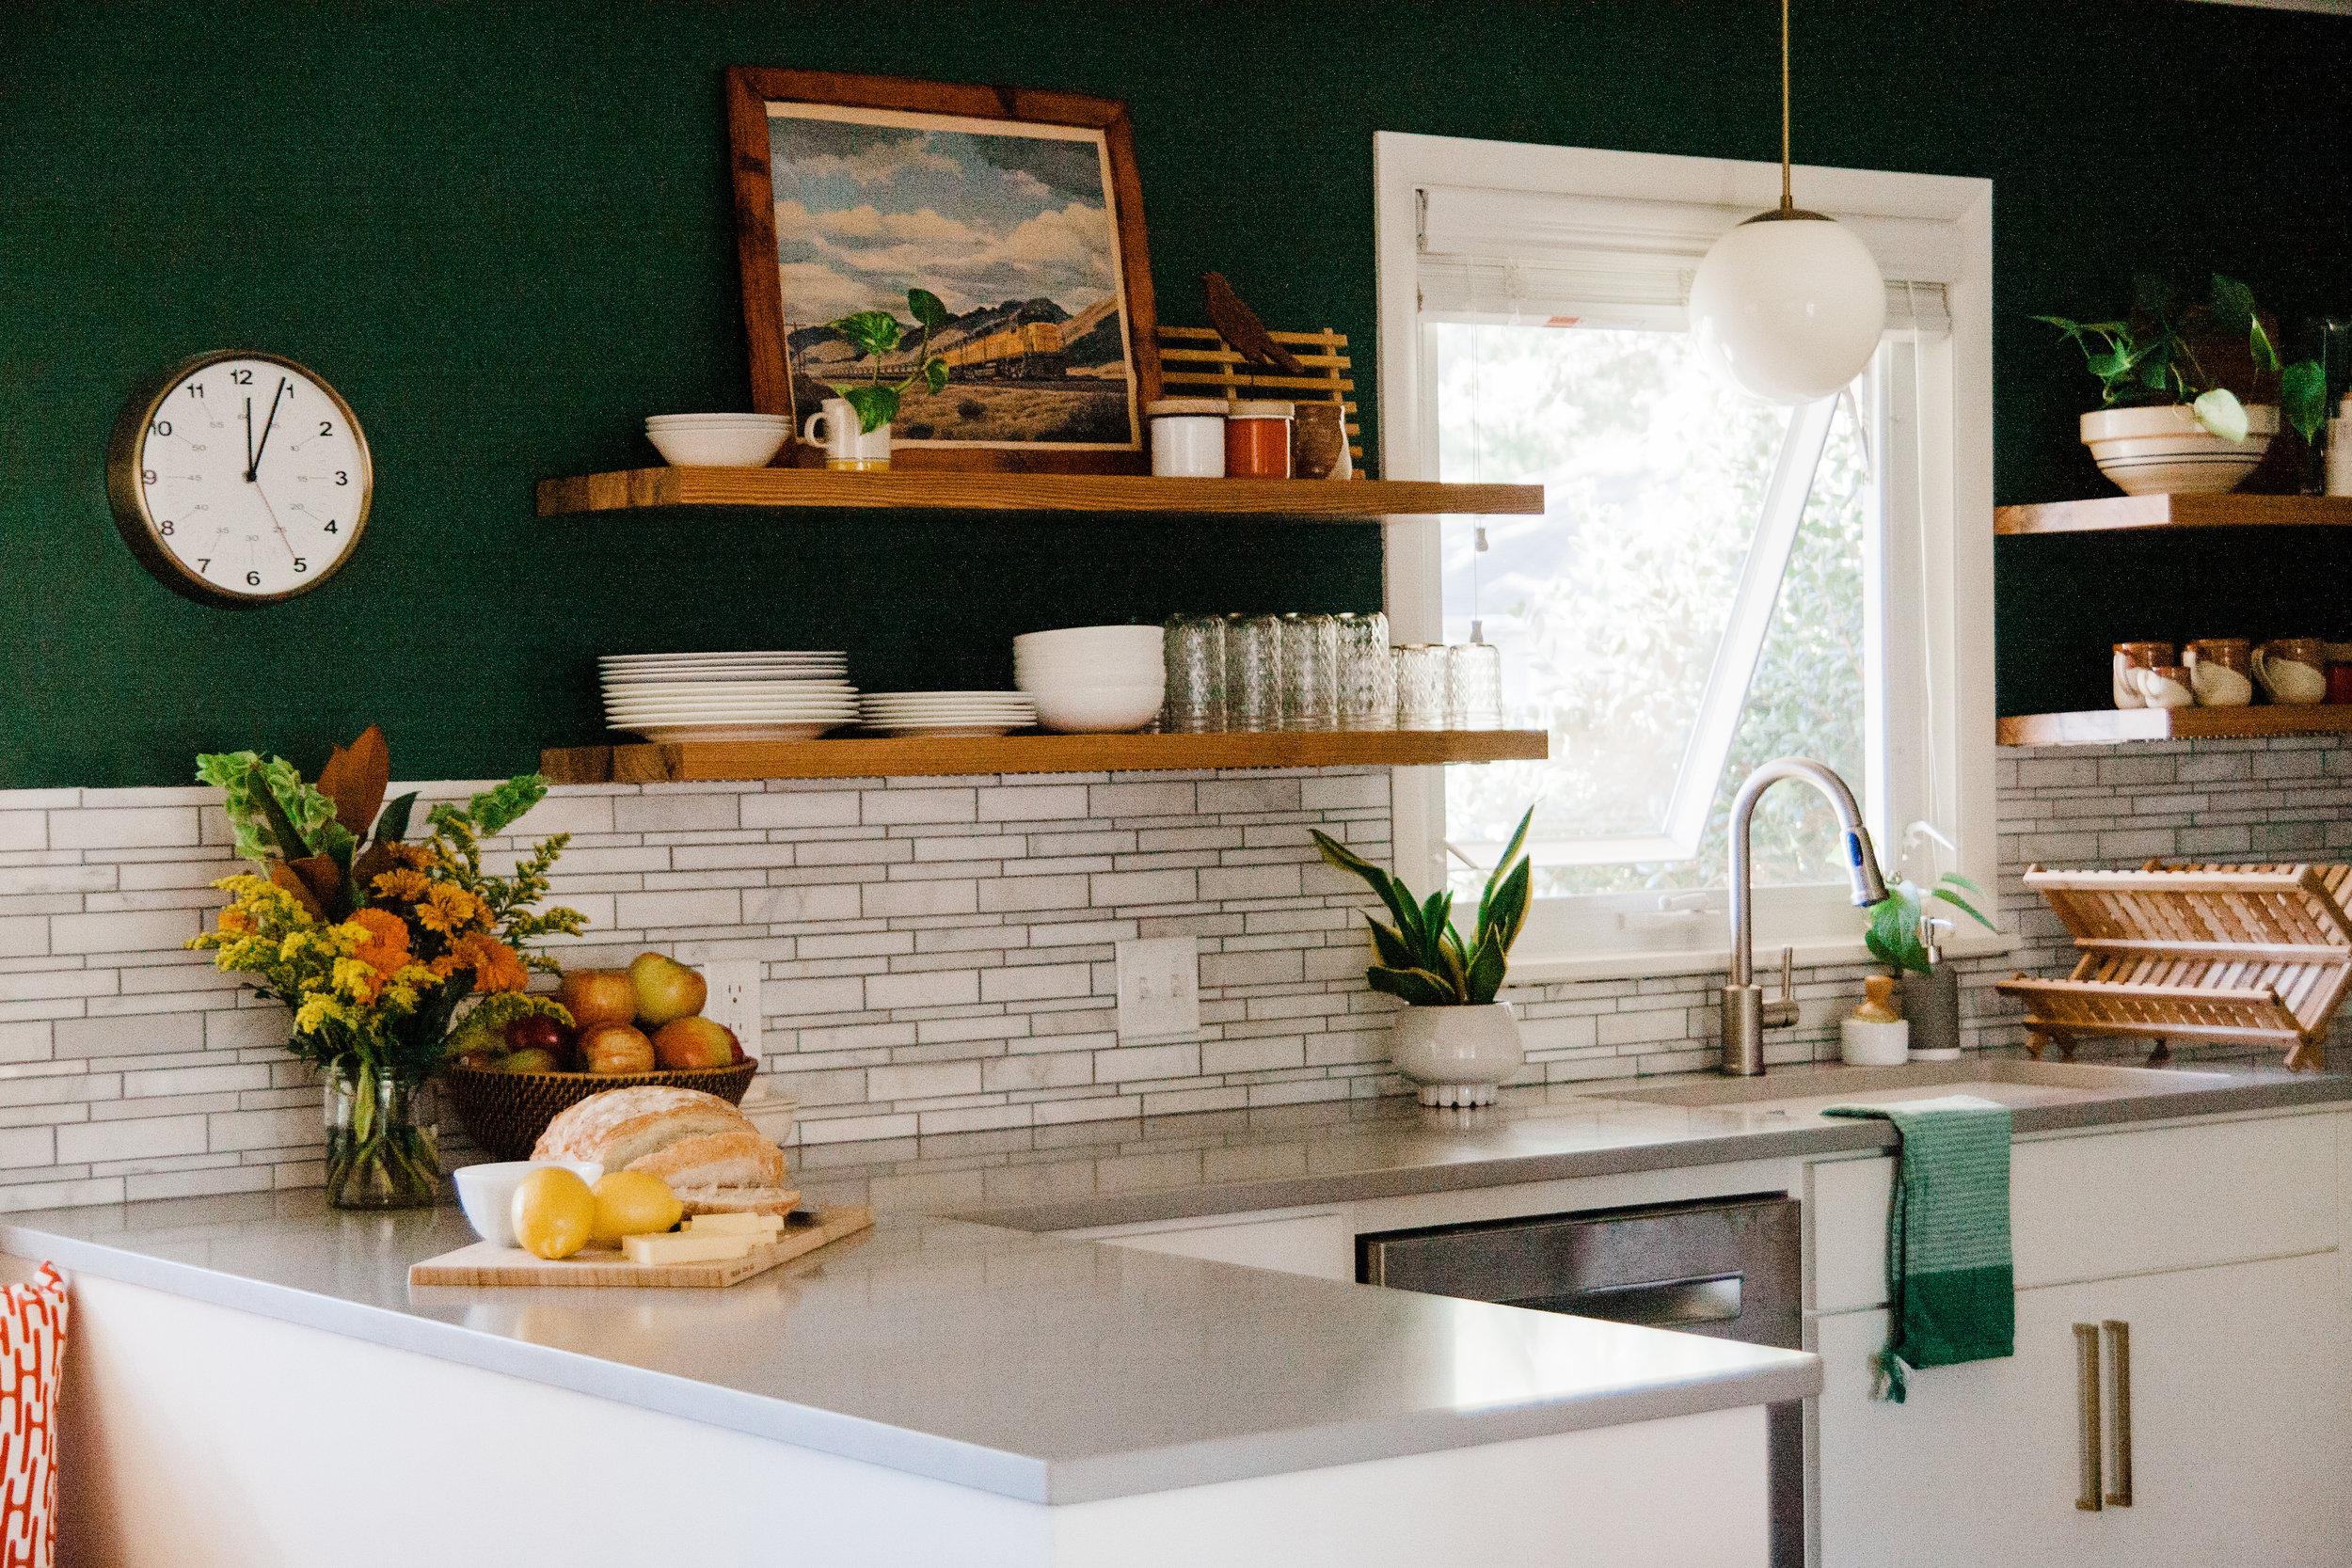 Colorful Vintage Modern Kitchen Renovation In Tulsa Ok Retro Den Vintage Furniture And Homewares